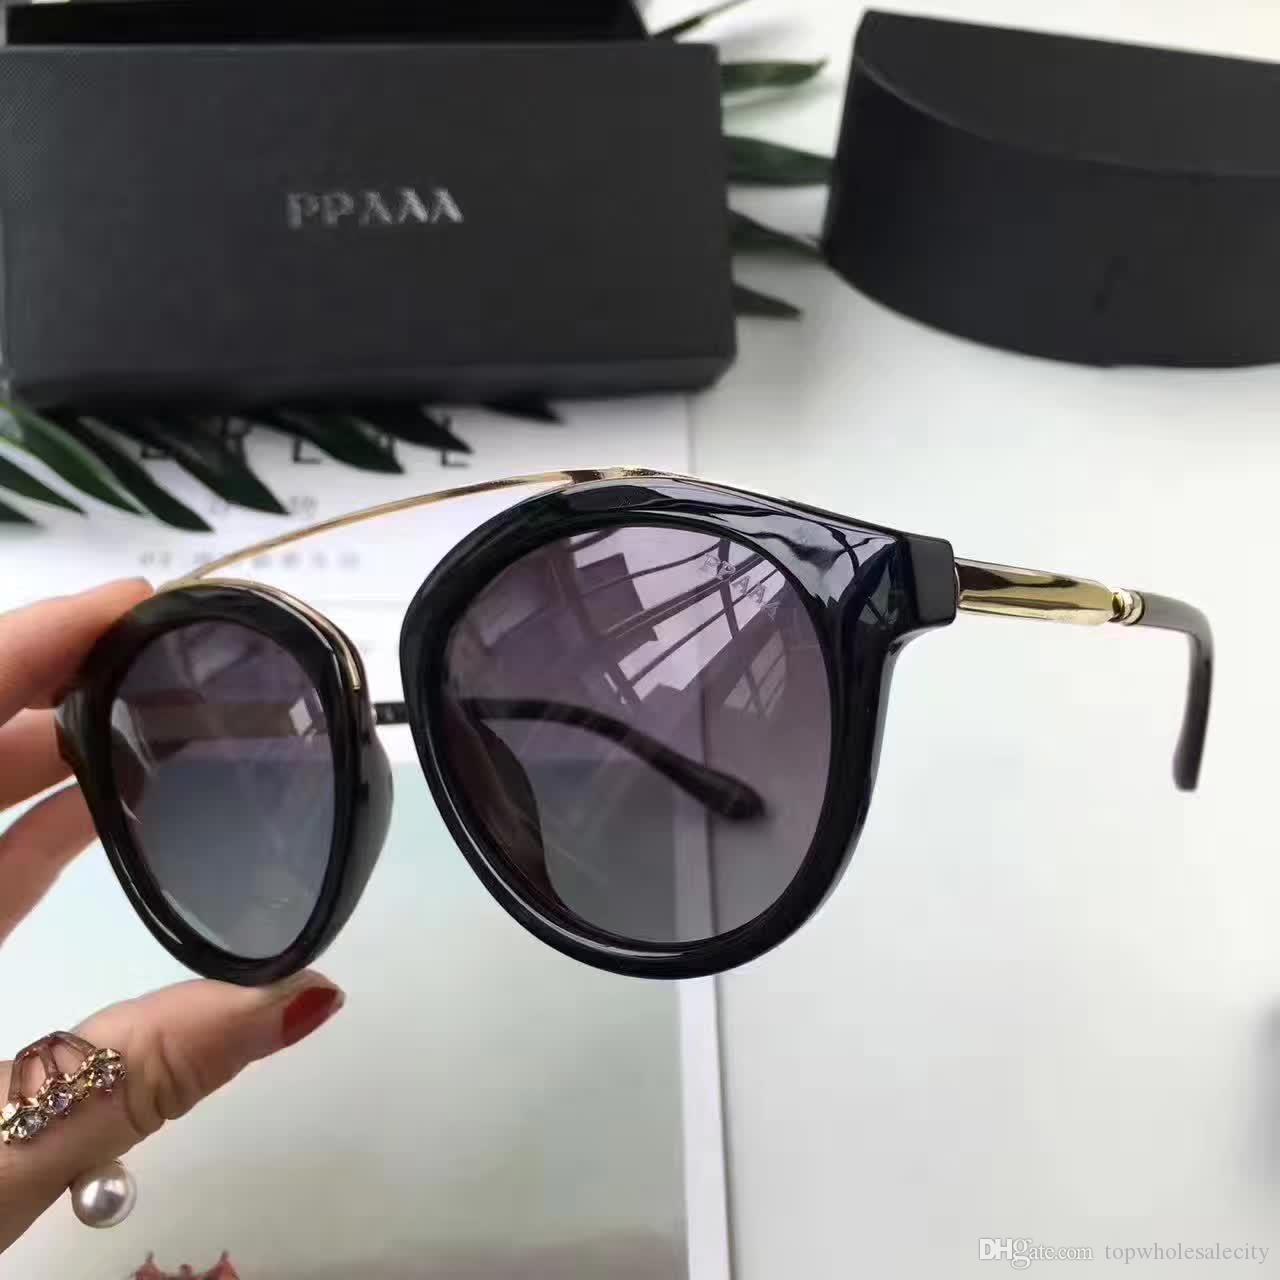 2017 hochwertige polarisierte sonnenbrille Mode designer brillen outdoor freizeit sonnenbrille brille high-end-marke sonnenbrille mit box